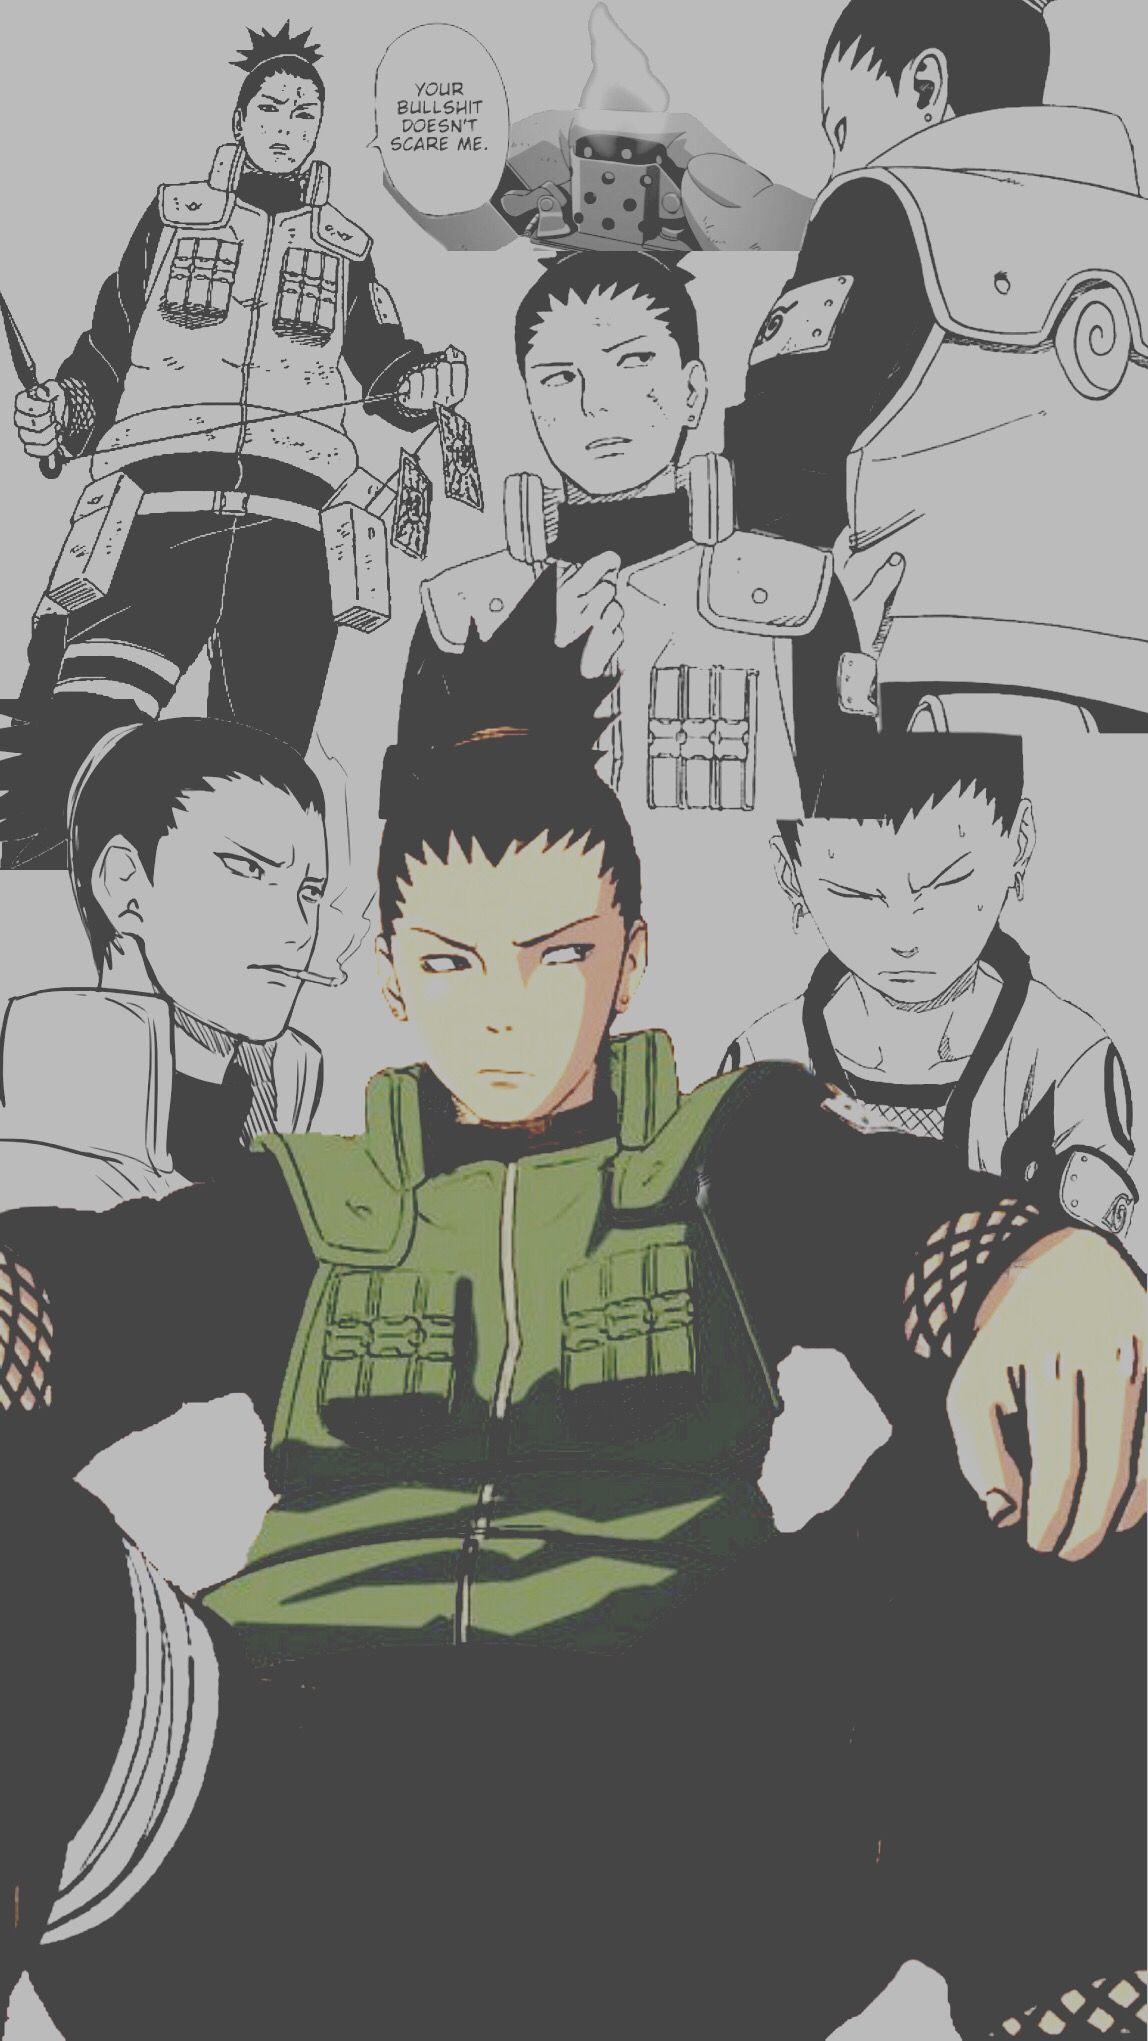 Shikamaru Wallpaper In 2020 Shikamaru Wallpaper Shikamaru Naruto And Shikamaru